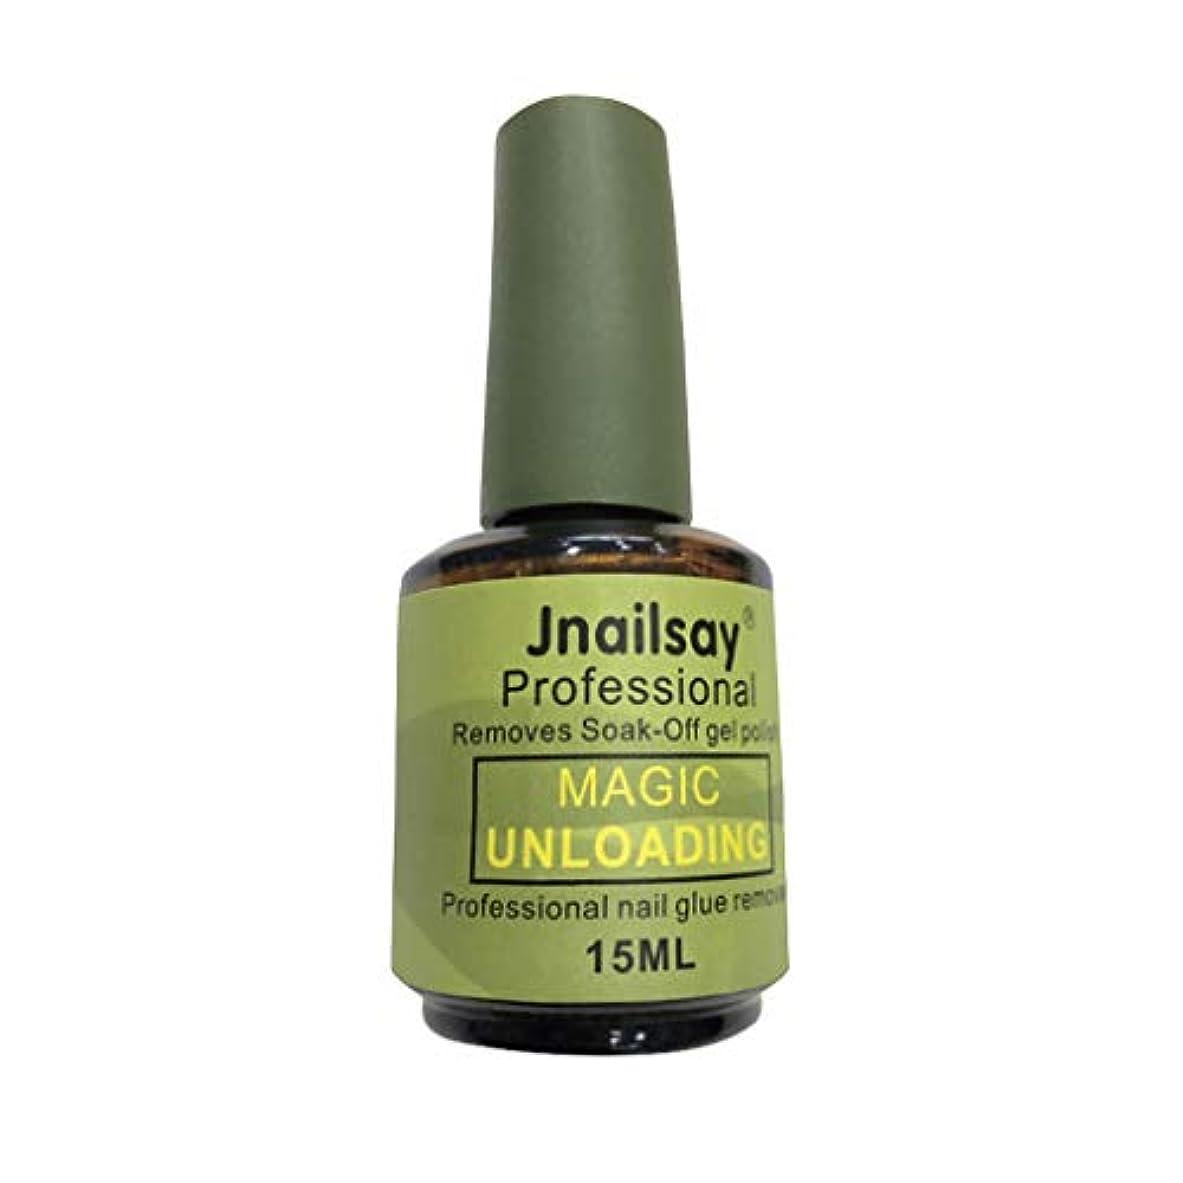 ネイル用品 Jnailsay 15ml速い破裂の装甲接着剤1分の荷を下す操作は釘を傷つけないで簡単で便利です (多色)